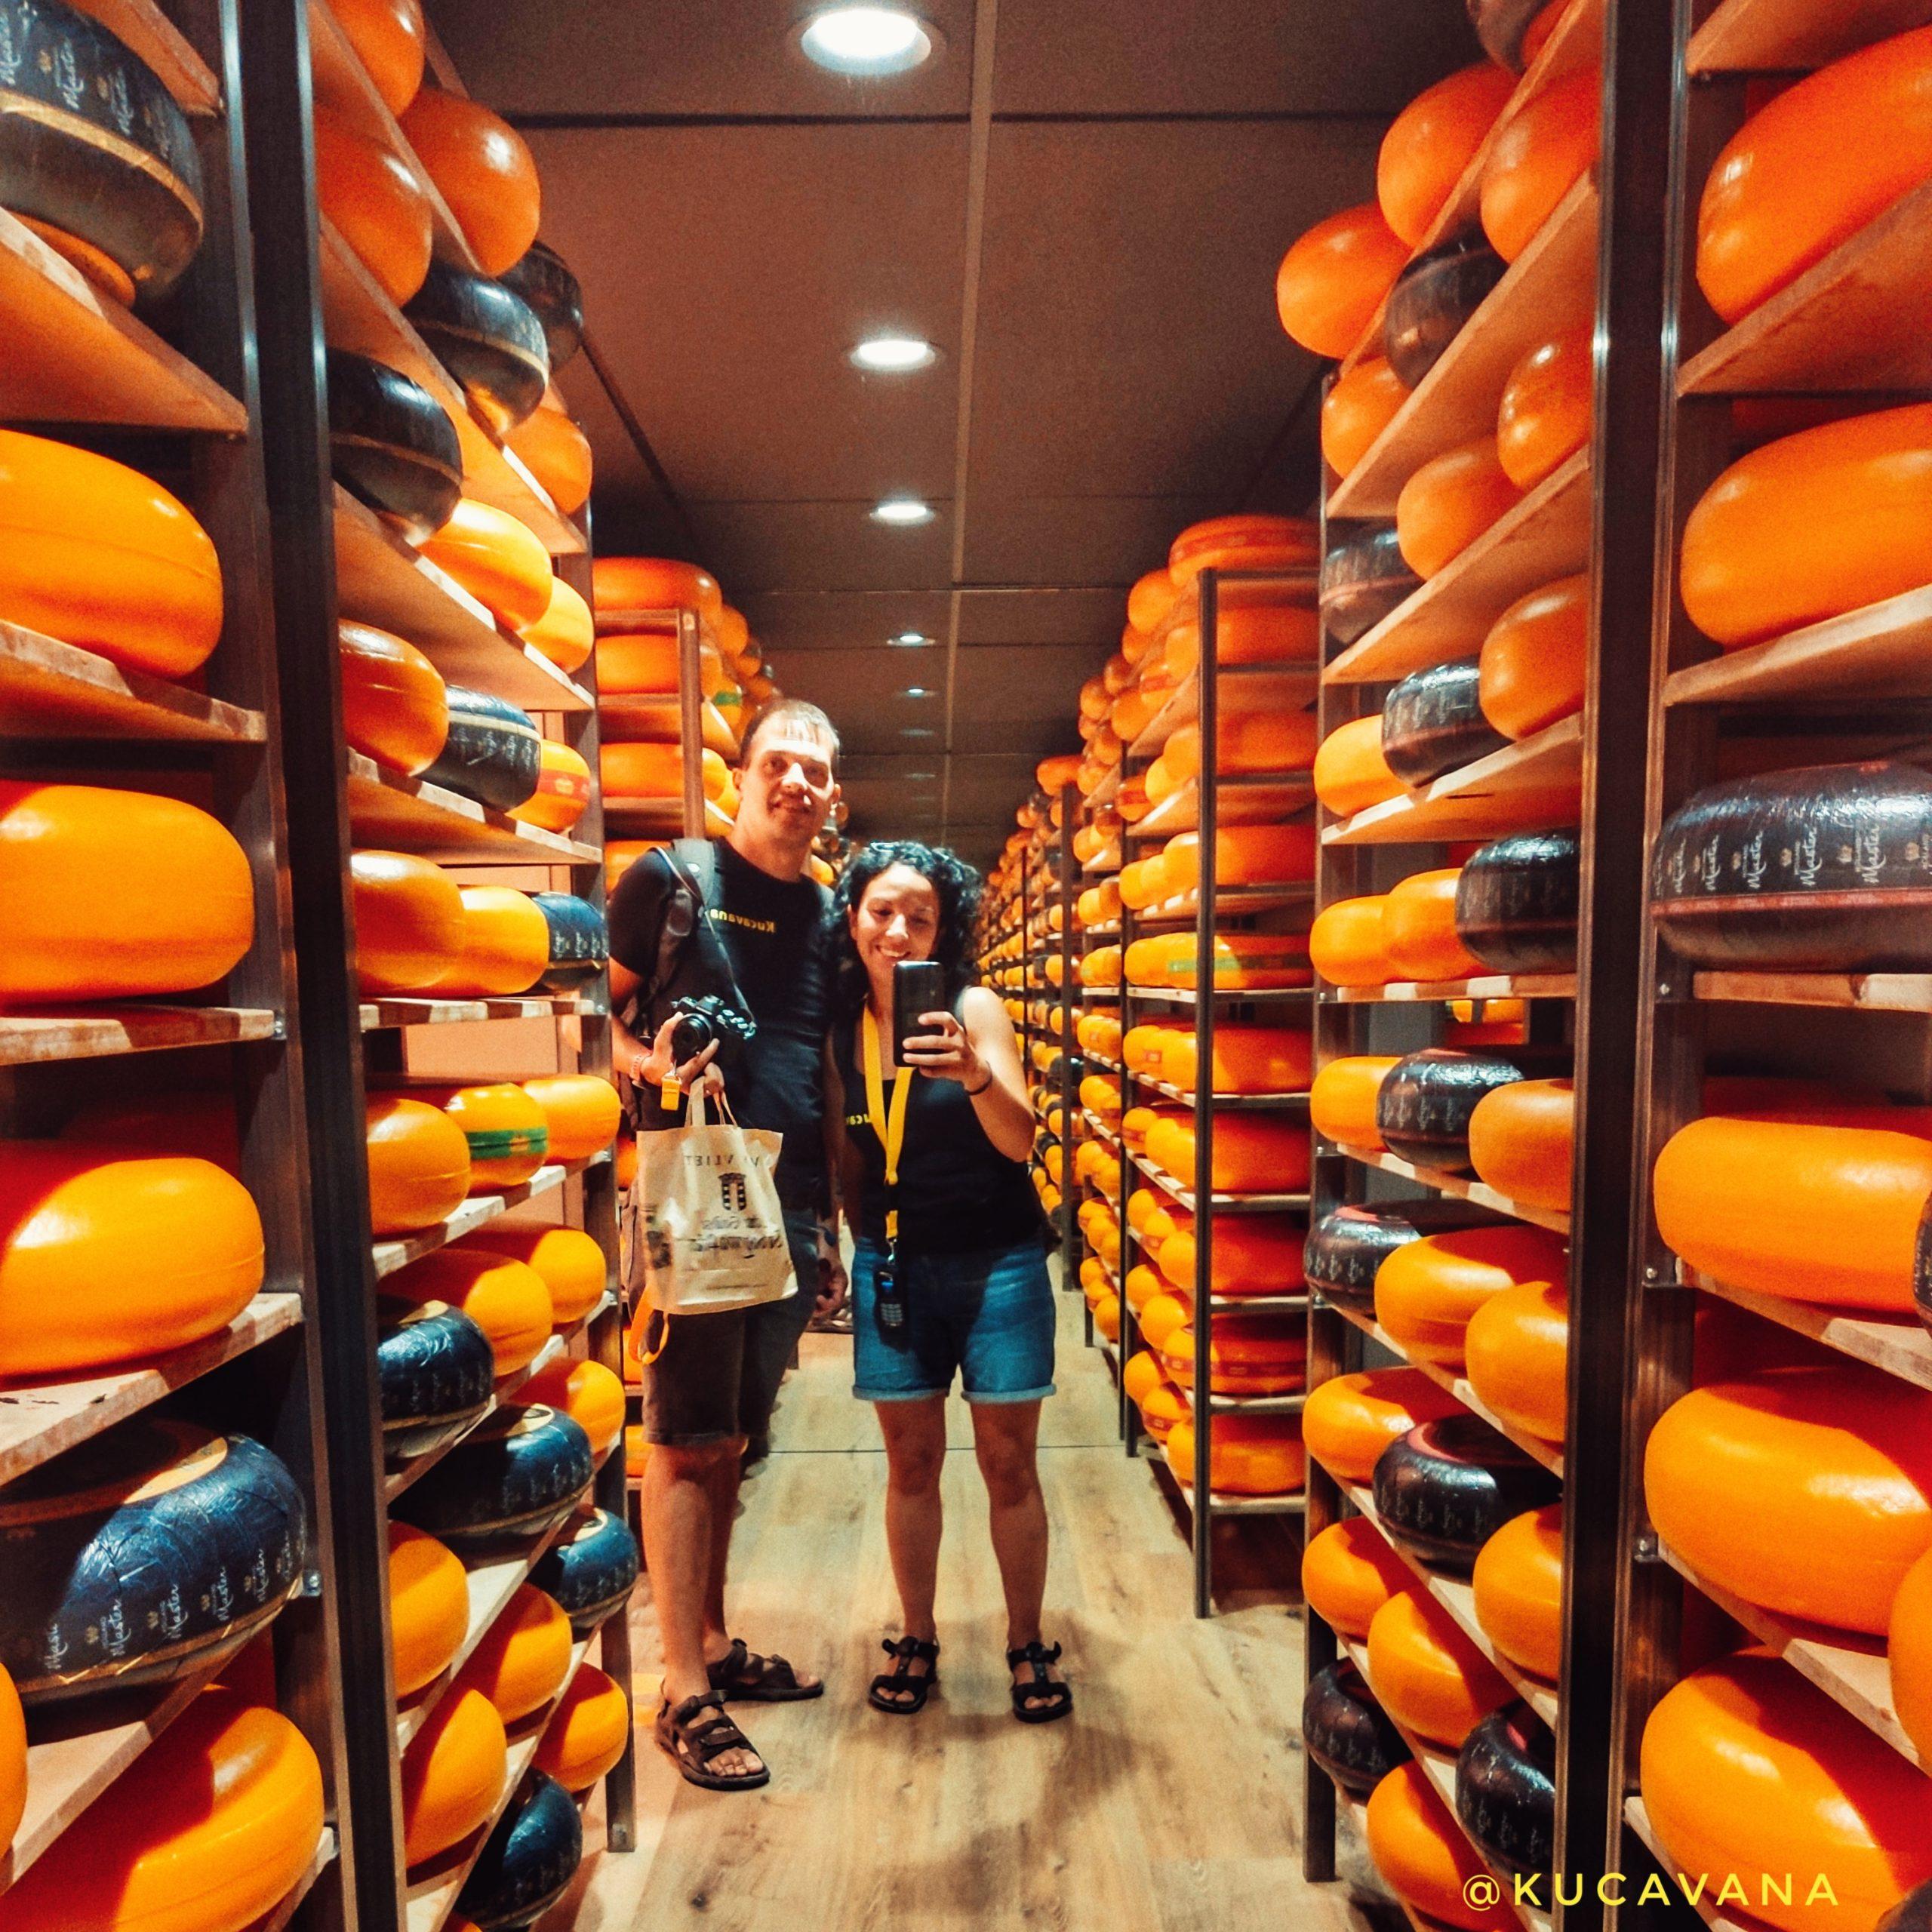 Gouda, Holanda. Mucho más que queso. Te explicamos nuestra experiencia y contamos los 10 imprescindibles de qué ver en Gouda